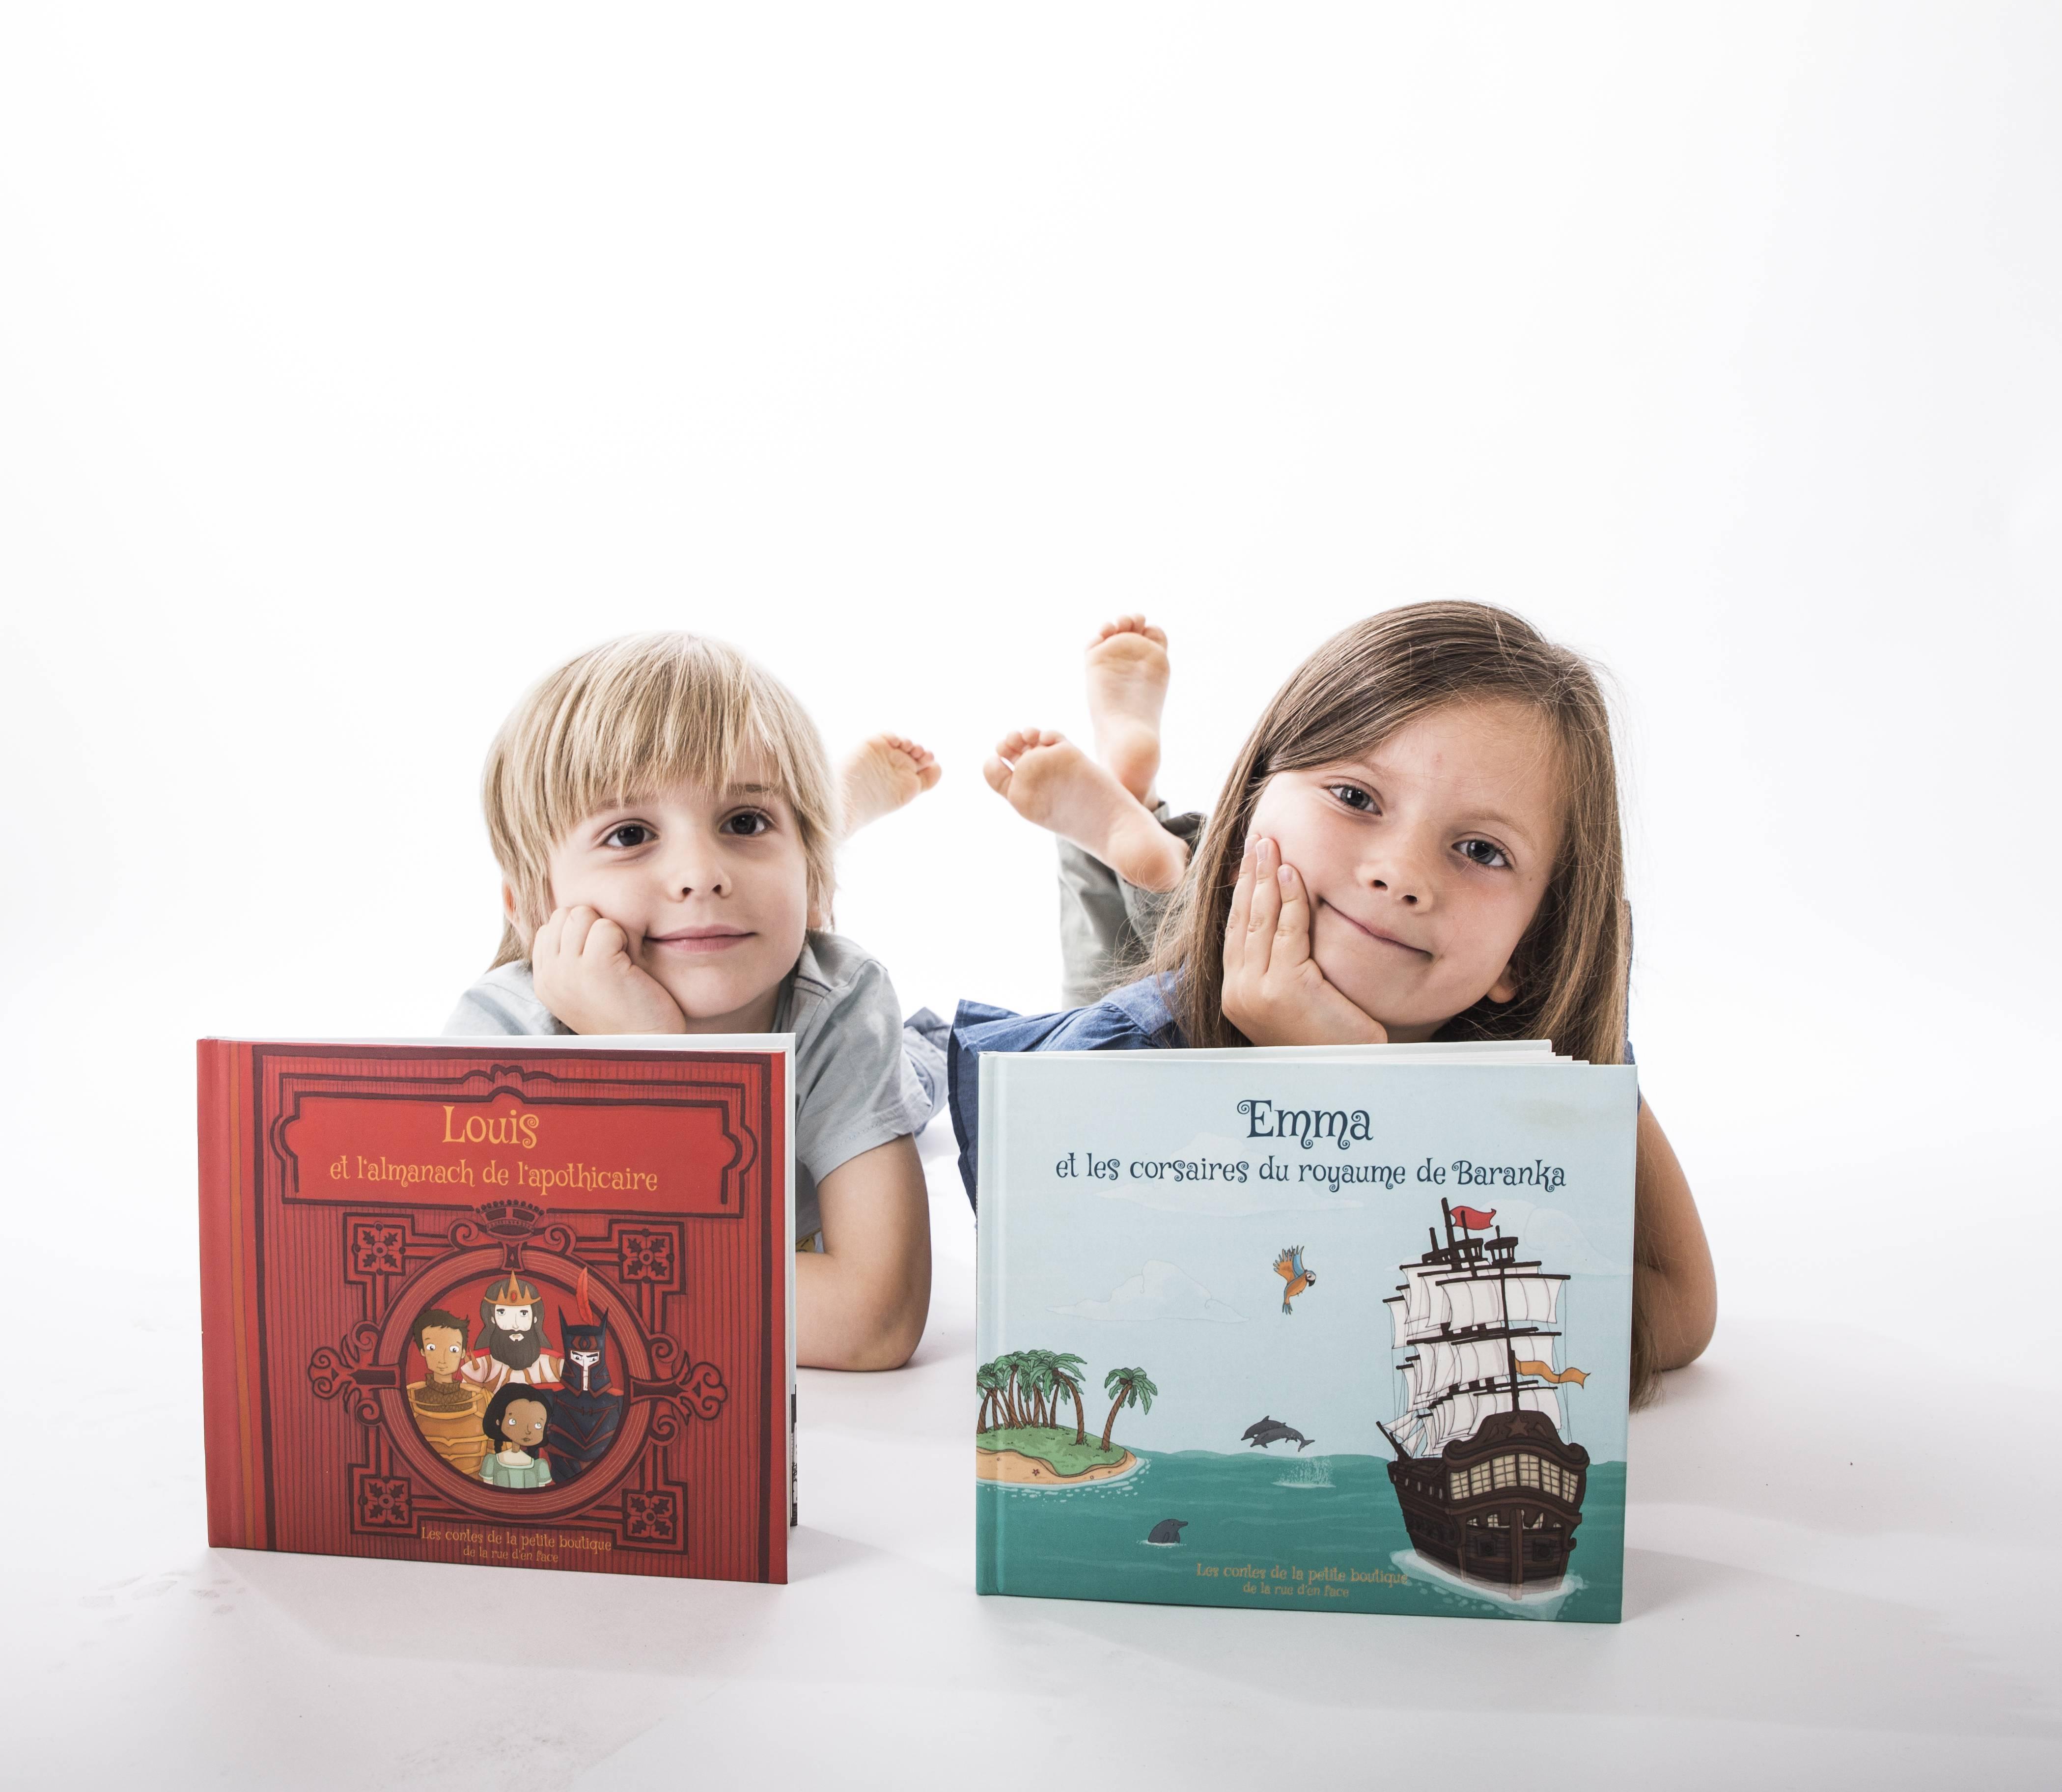 personnalise mesure enfant cadeau - Le livre enfant personnalisé, un cadeau sur mesure